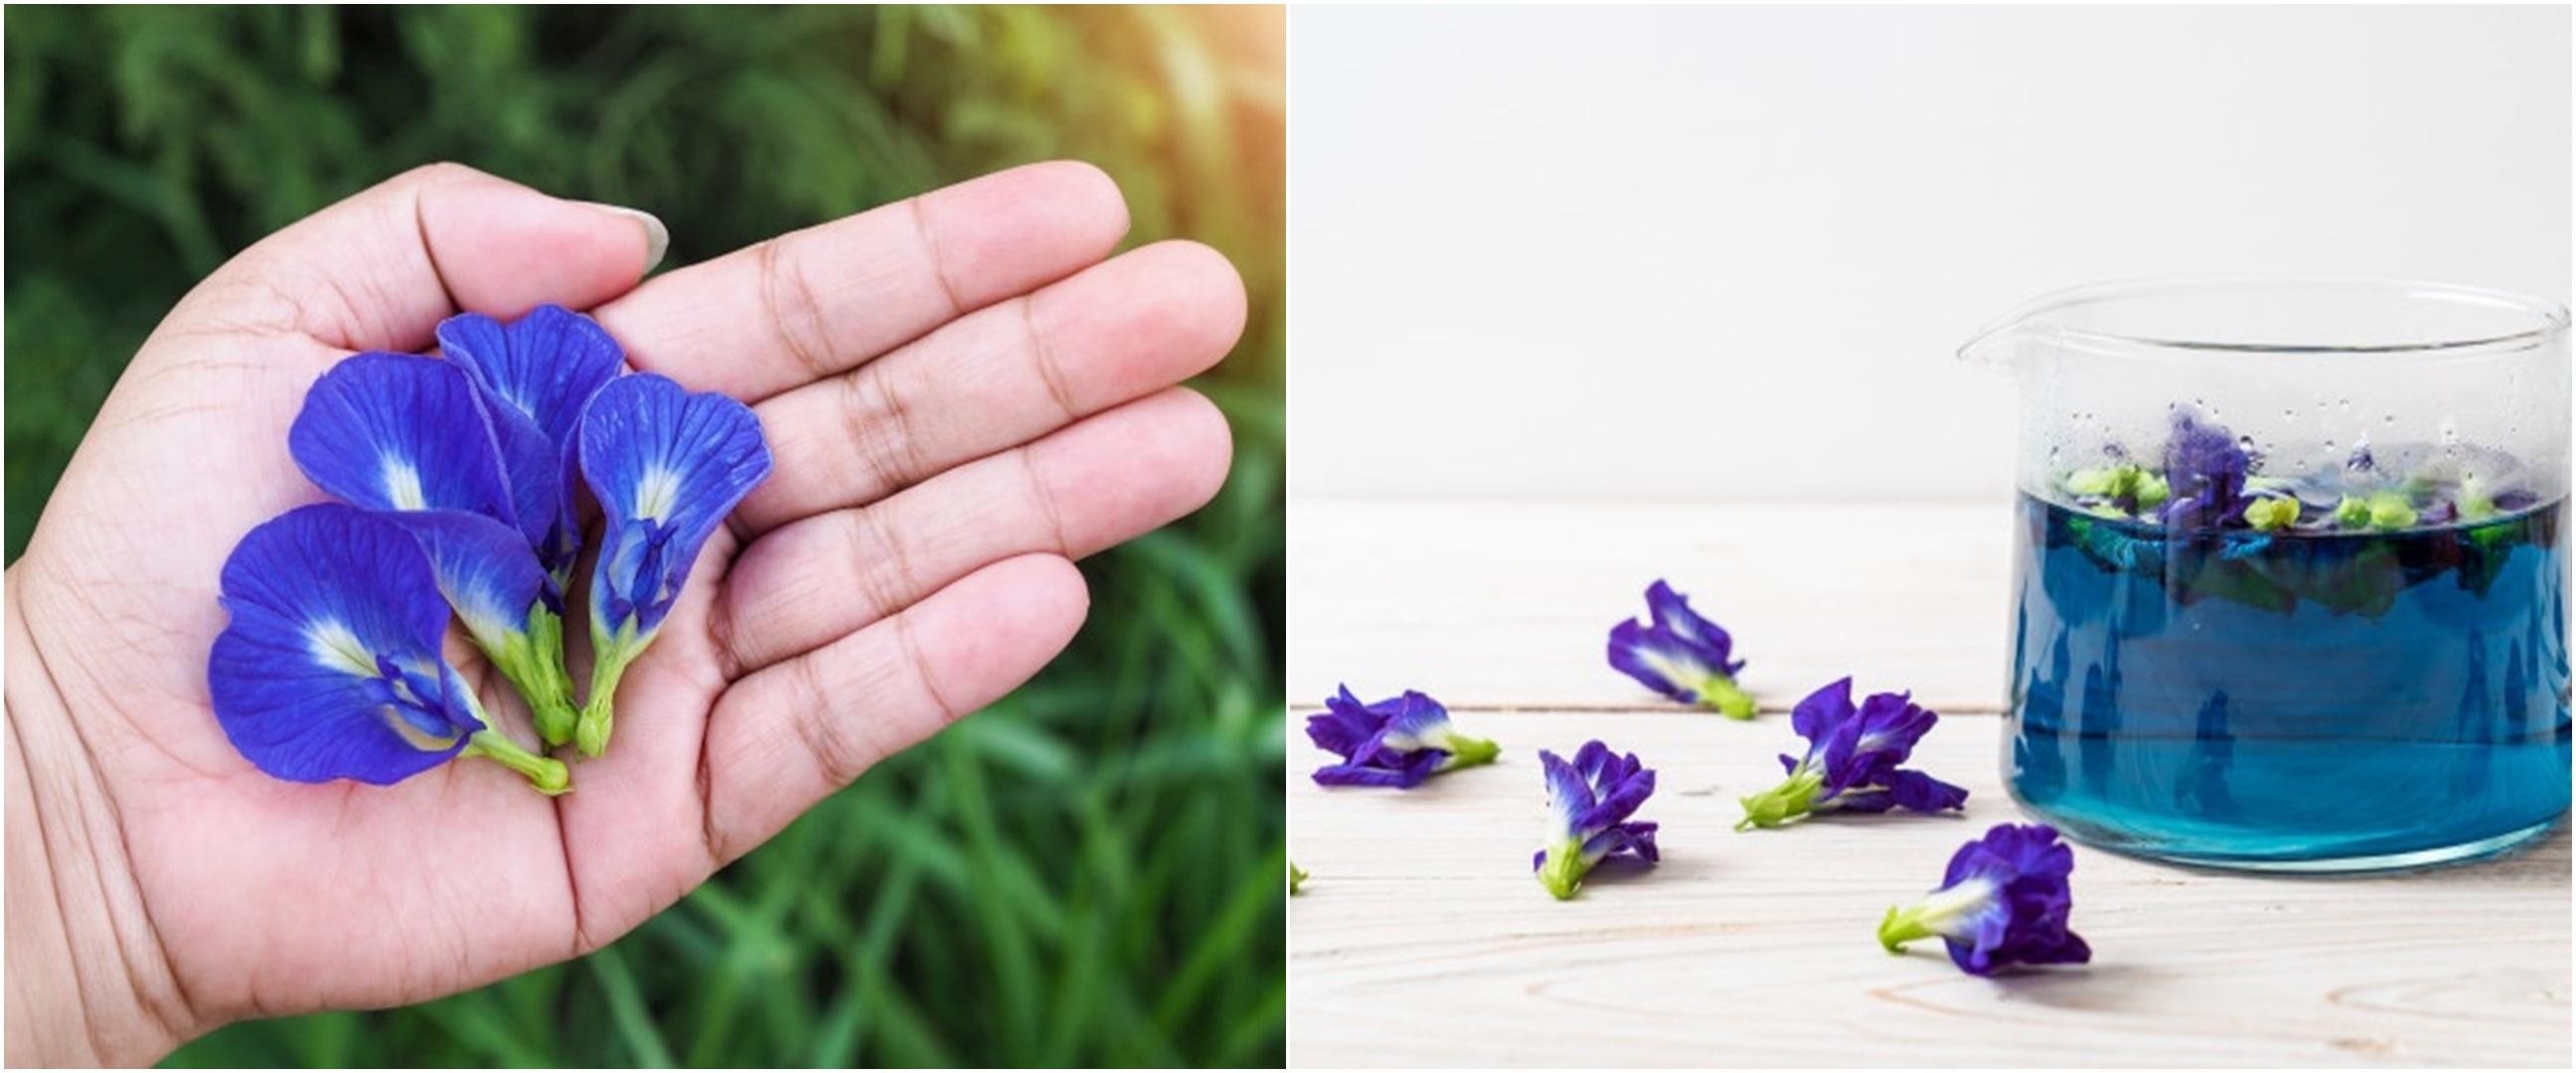 10 Manfaat bunga telang untuk kesehatan, melancarkan menstruasi